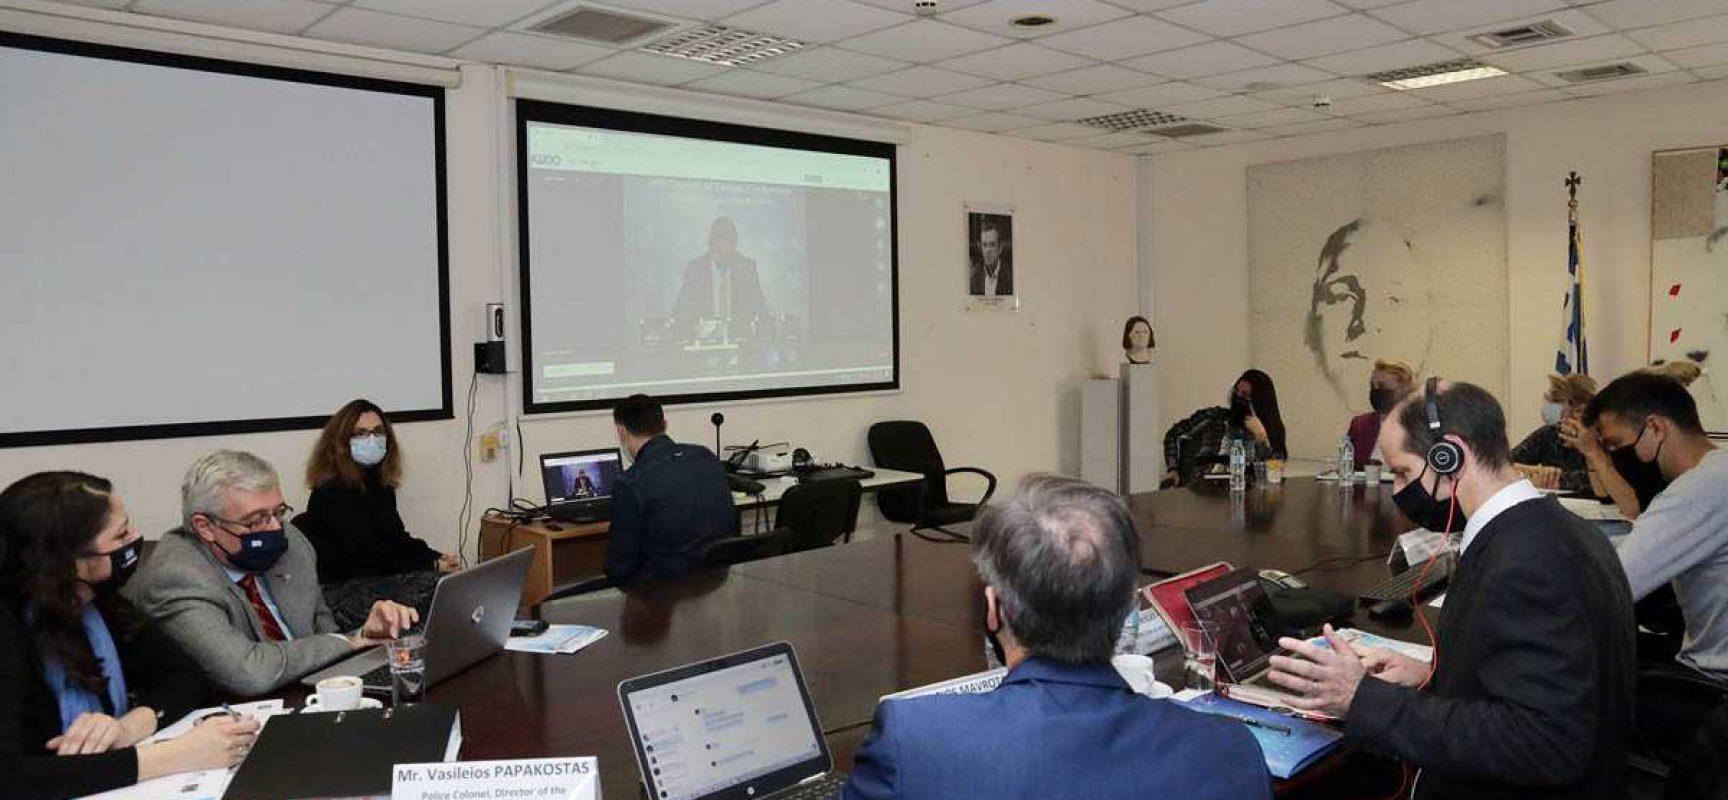 H Ελληνική Ομοσπονδία Τοξοβολίας συμμετείχε στην Ημερίδα «Start to Talk / Σπάσε τη Σιωπή – Μίλησε μην Ανέχεσαι»